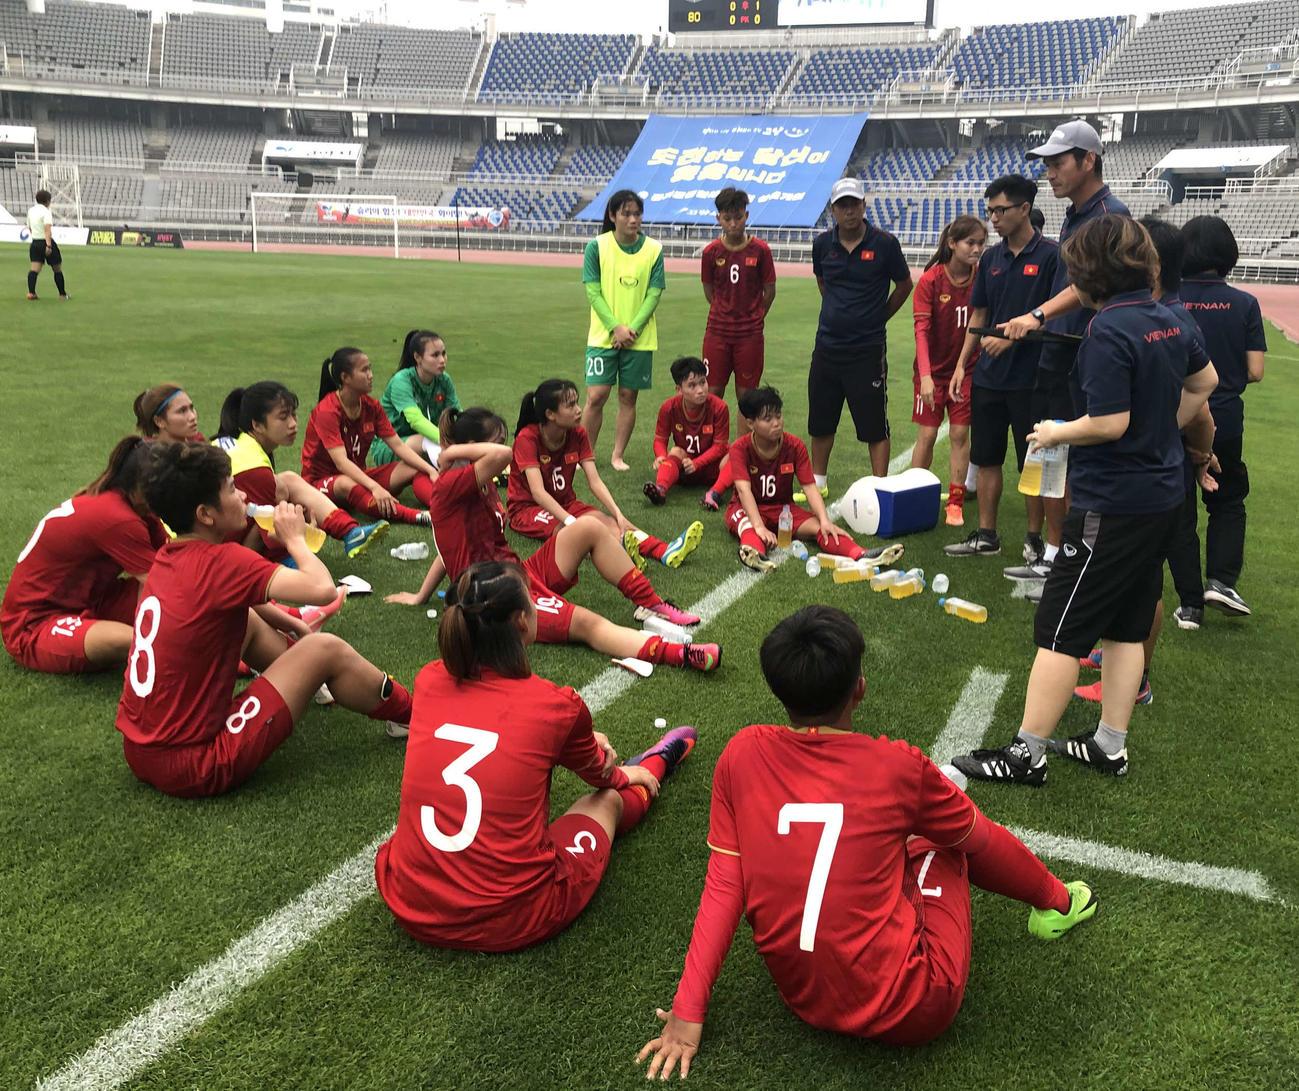 井尻氏の話を聞くベトナム人選手たち